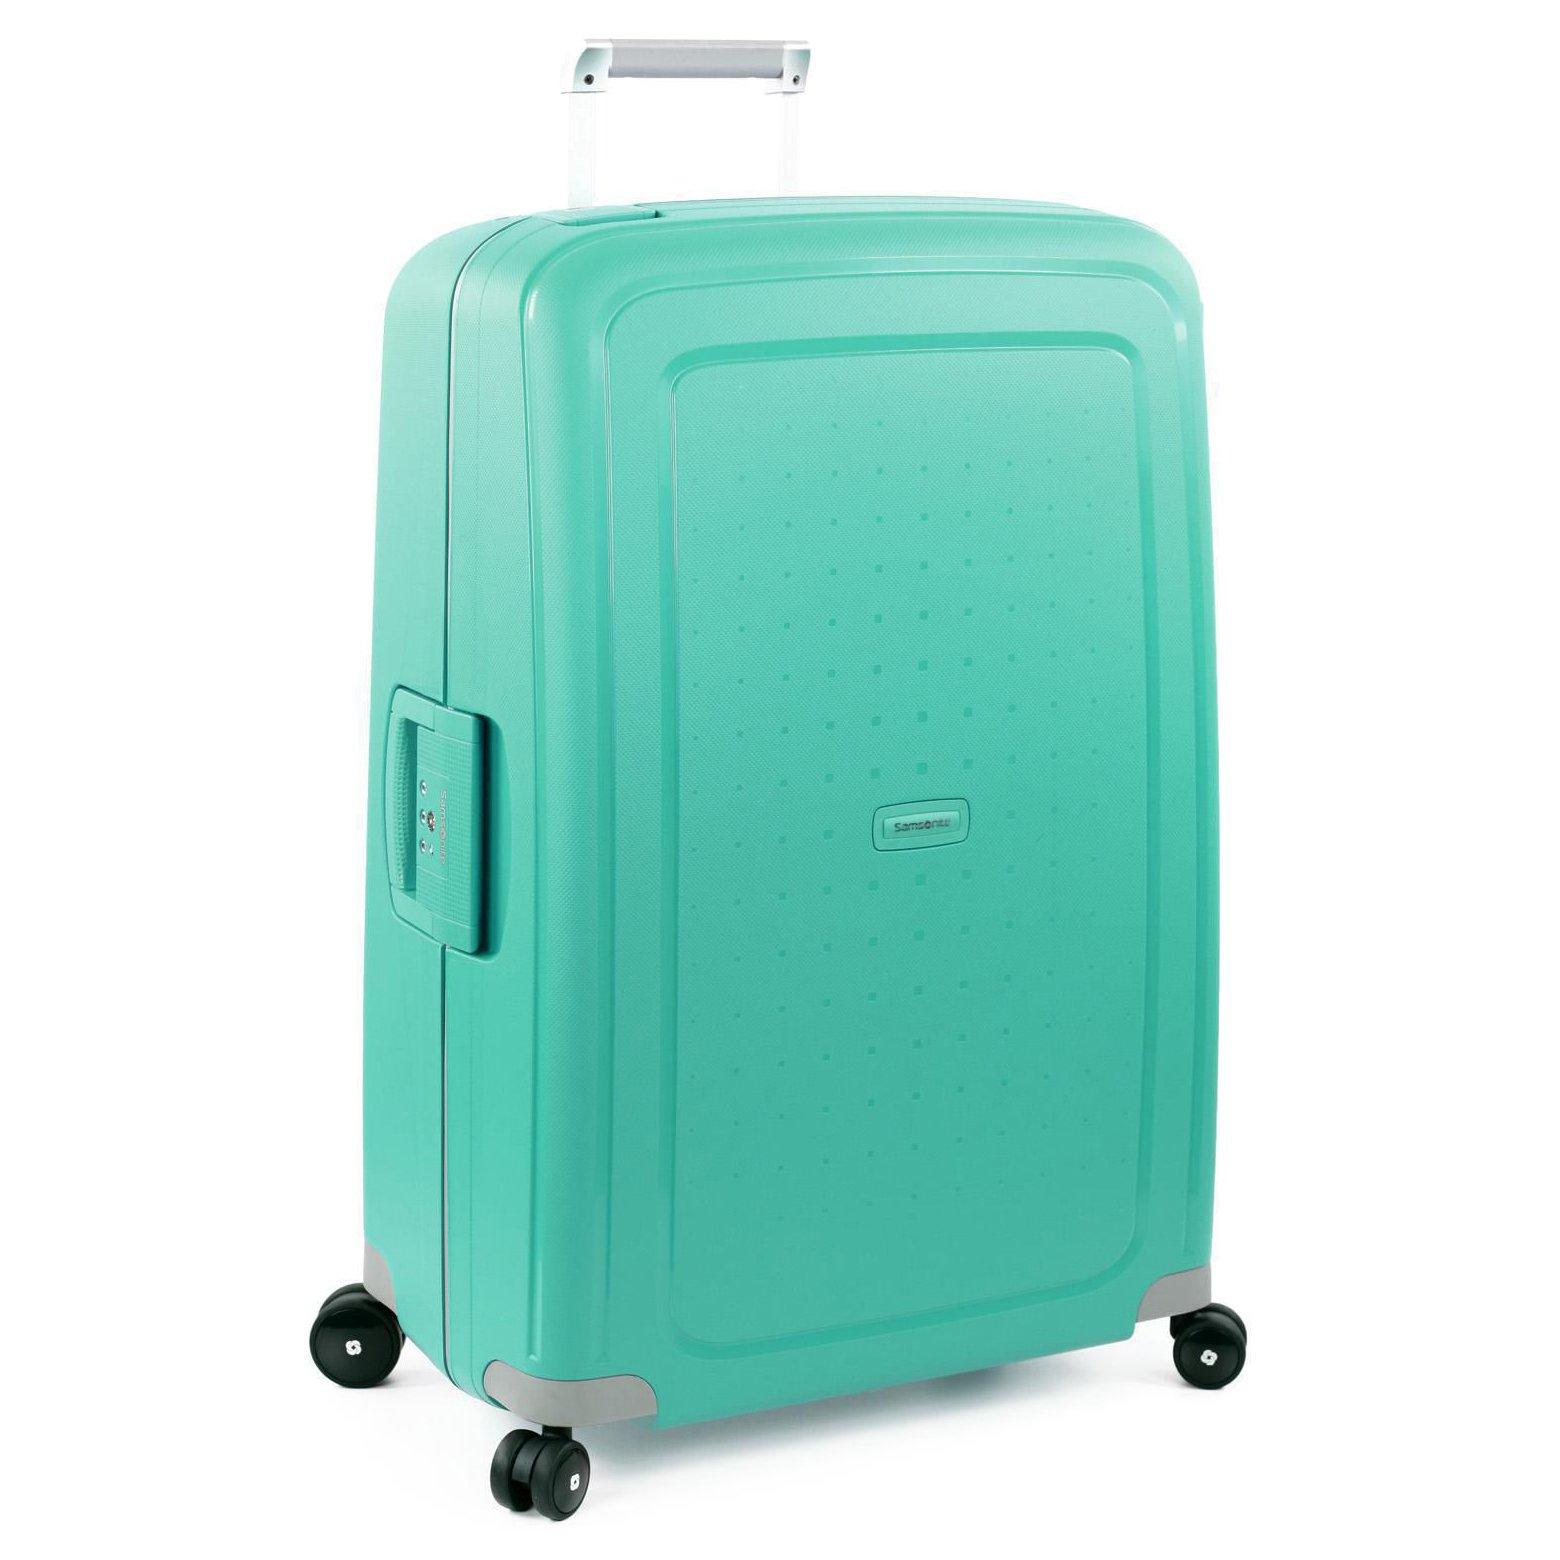 samsonite s cure spinner 4 rollen trolley 75 cm kaufen bei markenkoffer. Black Bedroom Furniture Sets. Home Design Ideas